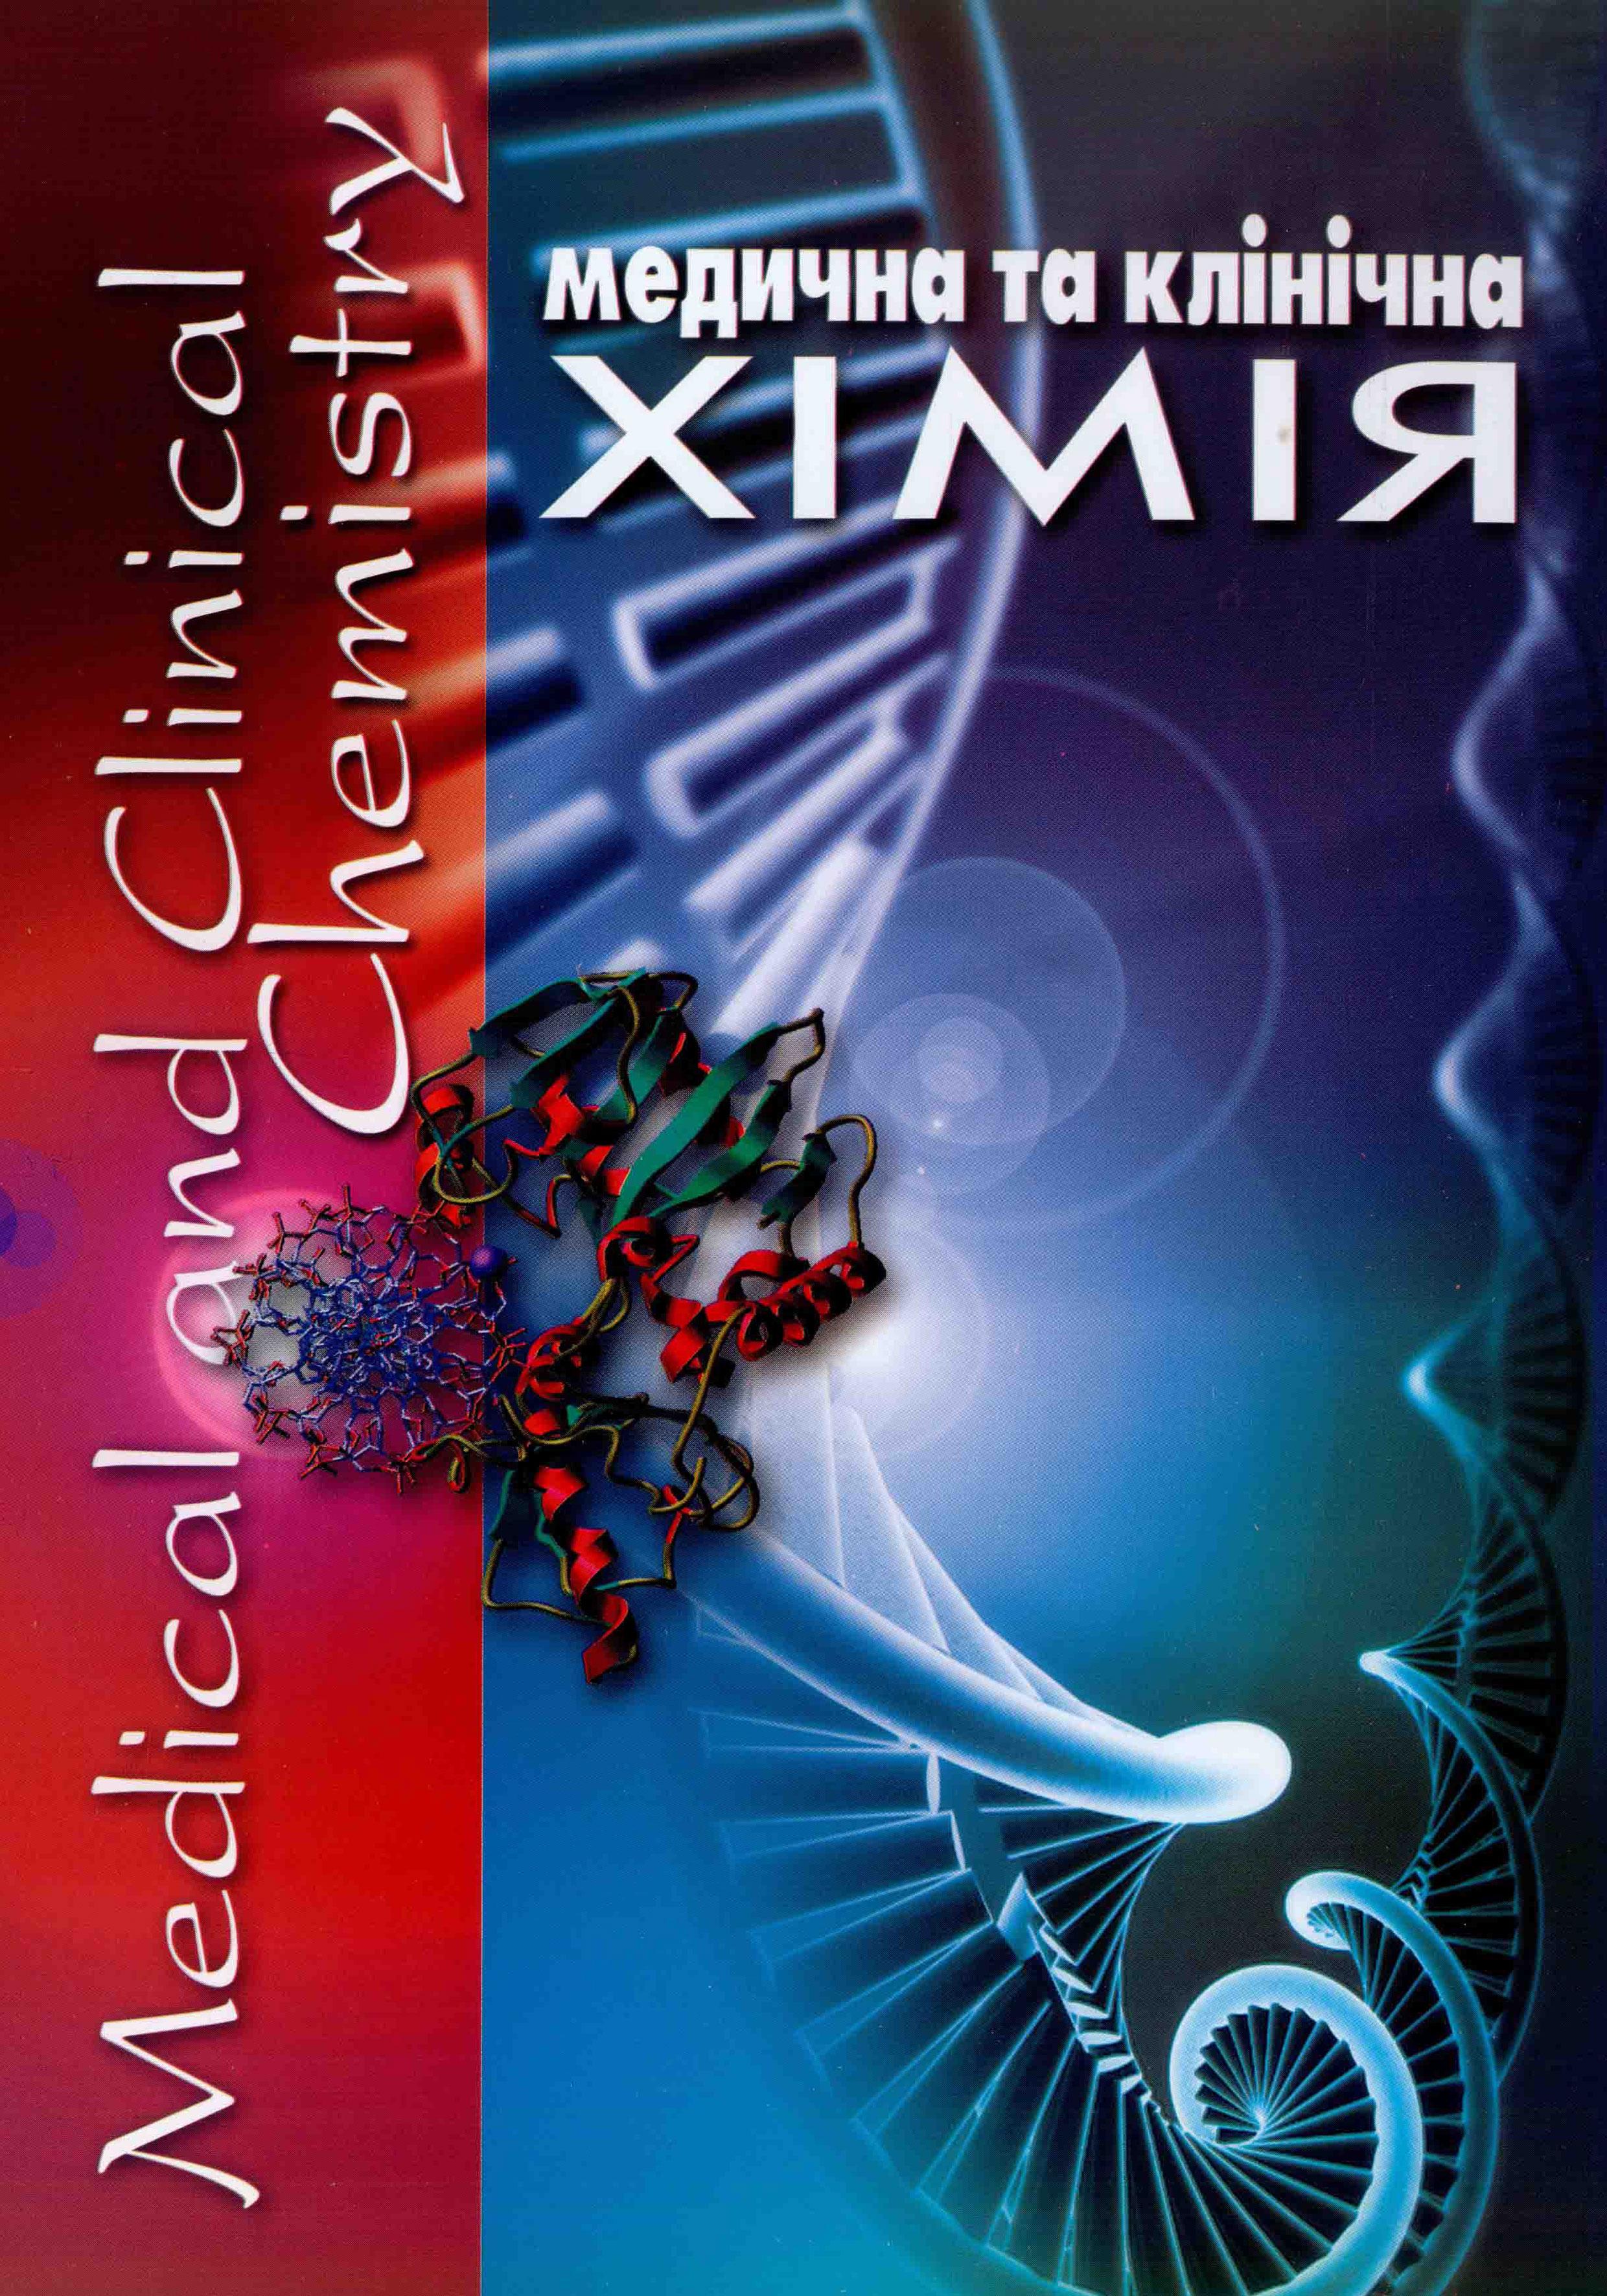 """Науково-практичний журнал журнал """"Медична та клінічна хімія""""  присвячений питанням молекулярних механізмів розвитку патології, біохімії у діагностиці та лікуванні, зокрема, біохімії серцево-судинних хвороб, біохімічній гепатології та нефрології, біохімії"""